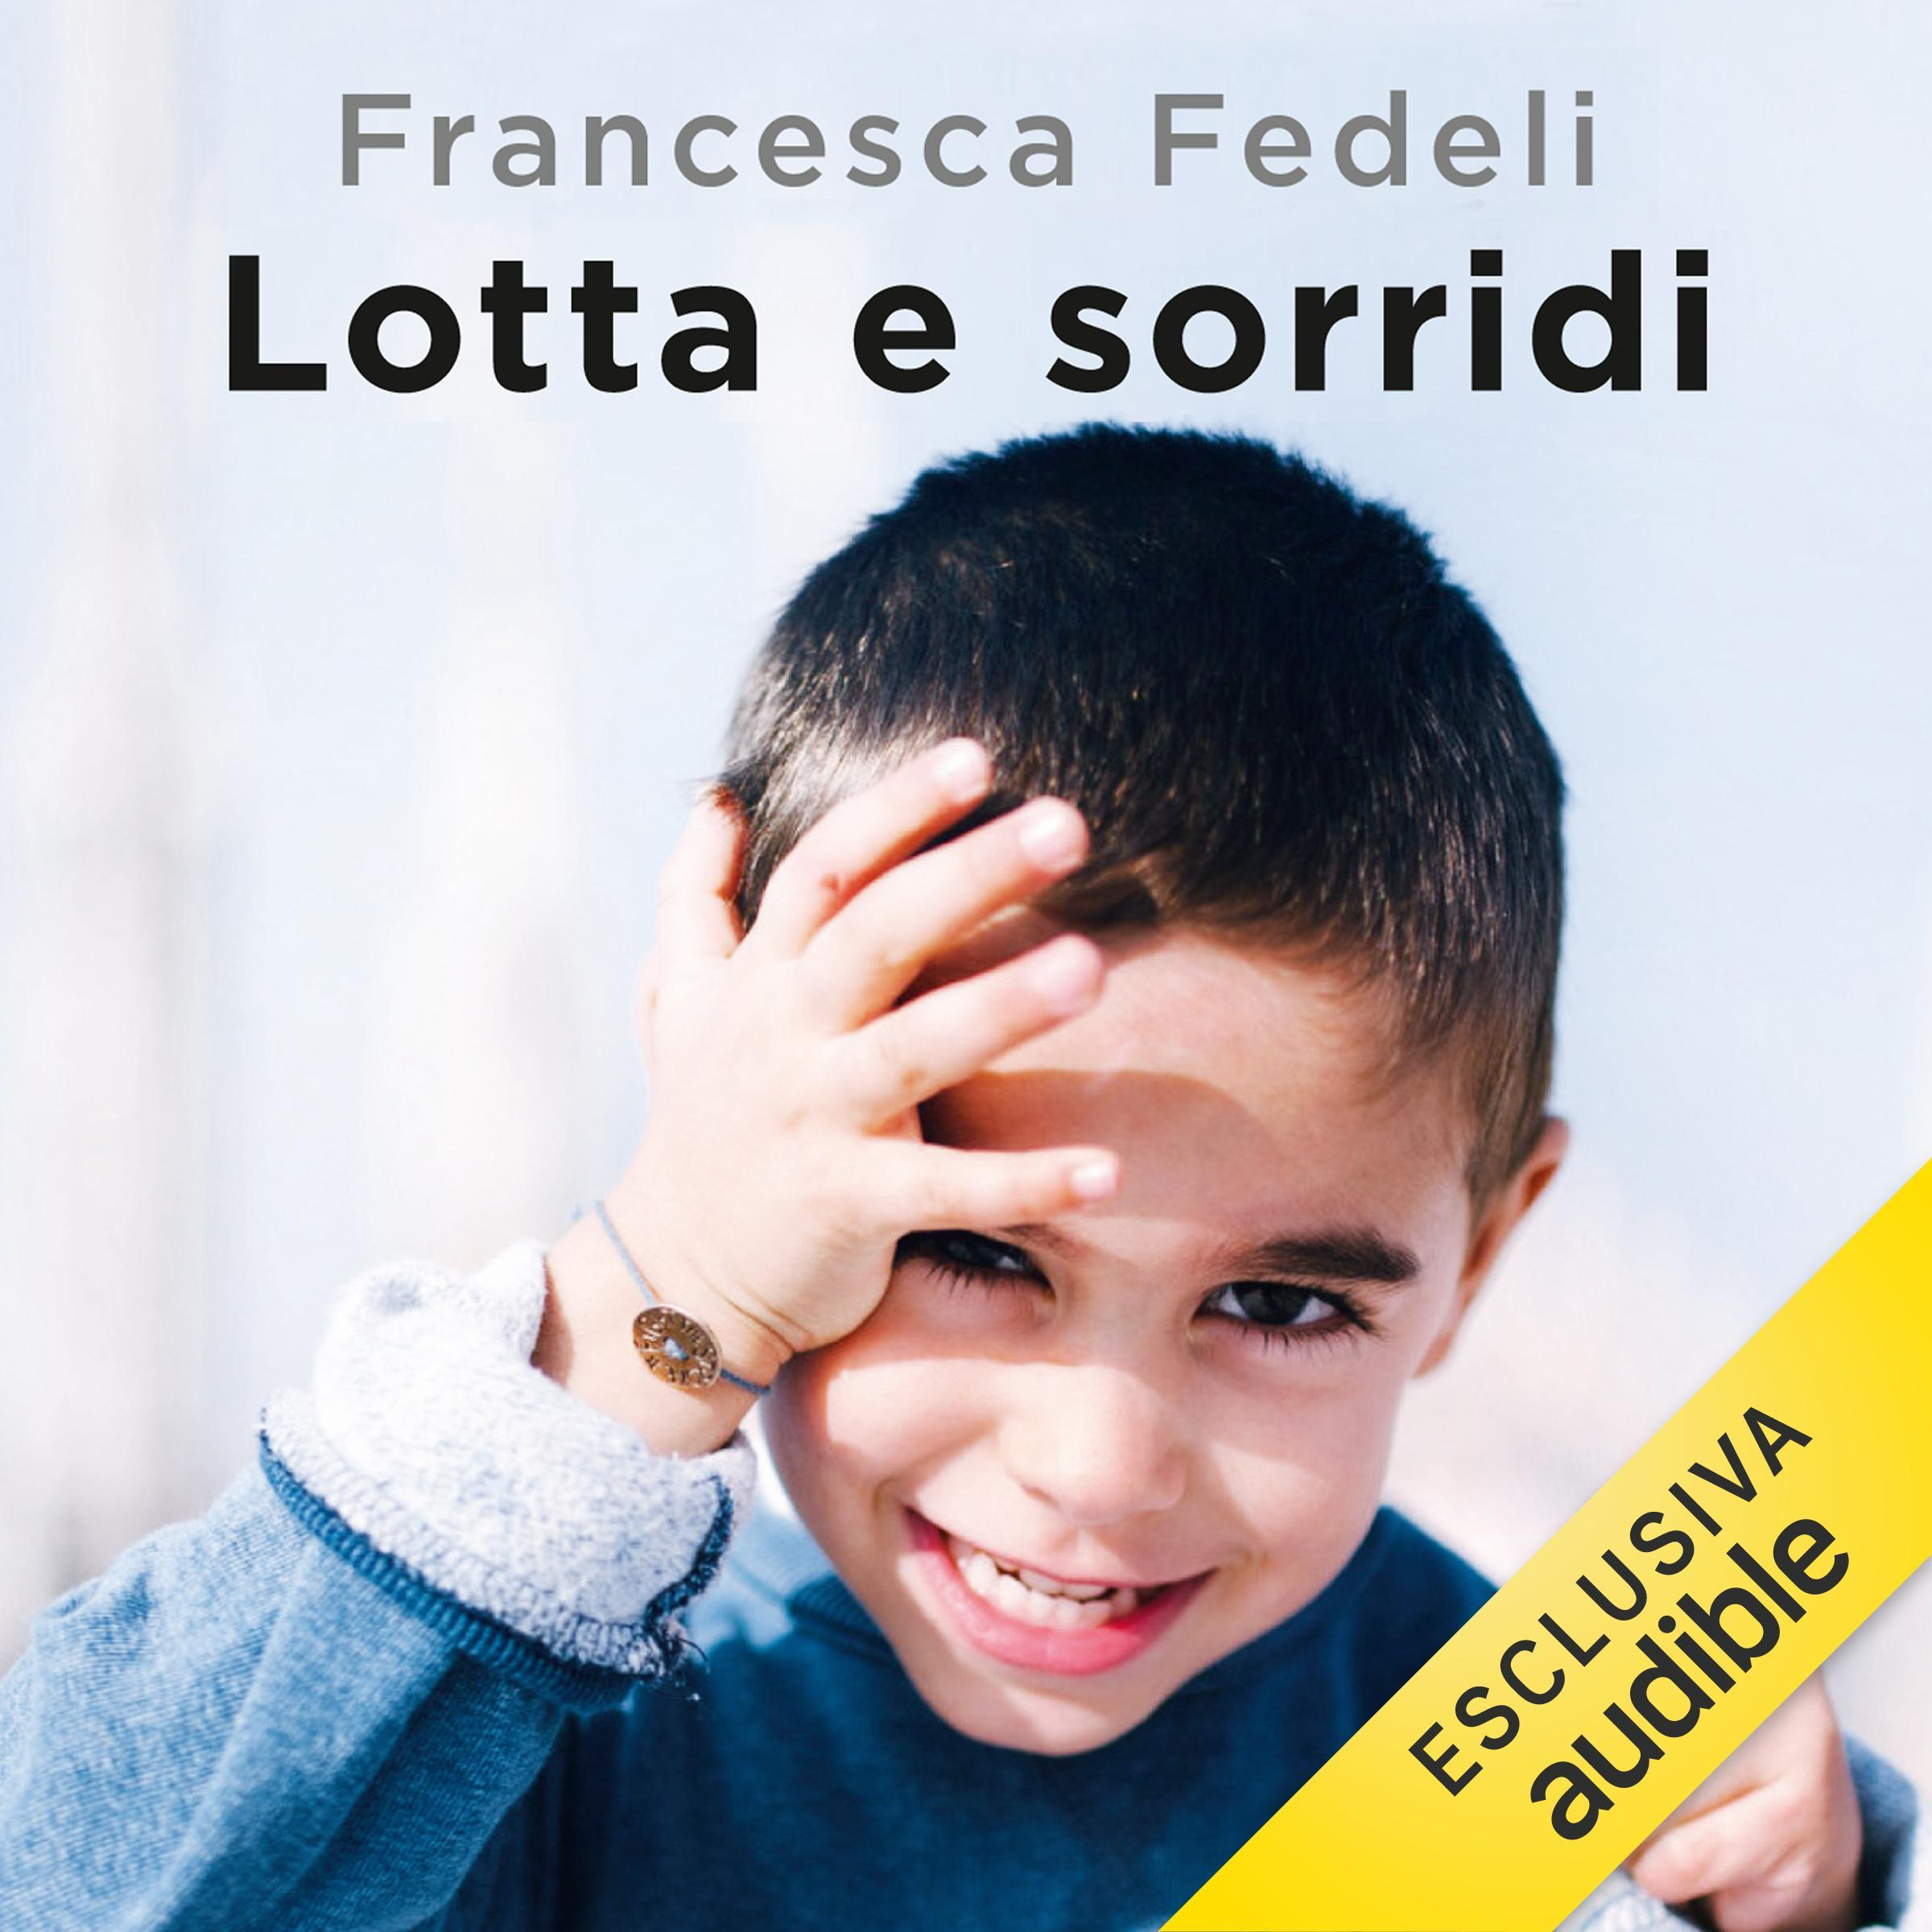 Lotta e sorridi.  Una storia d'amore e scienza. (AUDIOLIBRO)   di Francesca Fedeli, letto da Claudia Razzi   Dal 6/10/2019, in occasione della giornata mondiale della Paralisi Cerebrale, potrai ascoltare anche la versione audiolibro dal portale Audible  https://www.audible.it/pd/Lotta-e-sorridi-Audiolibri/B07YGWJKJR?qid=1570347244